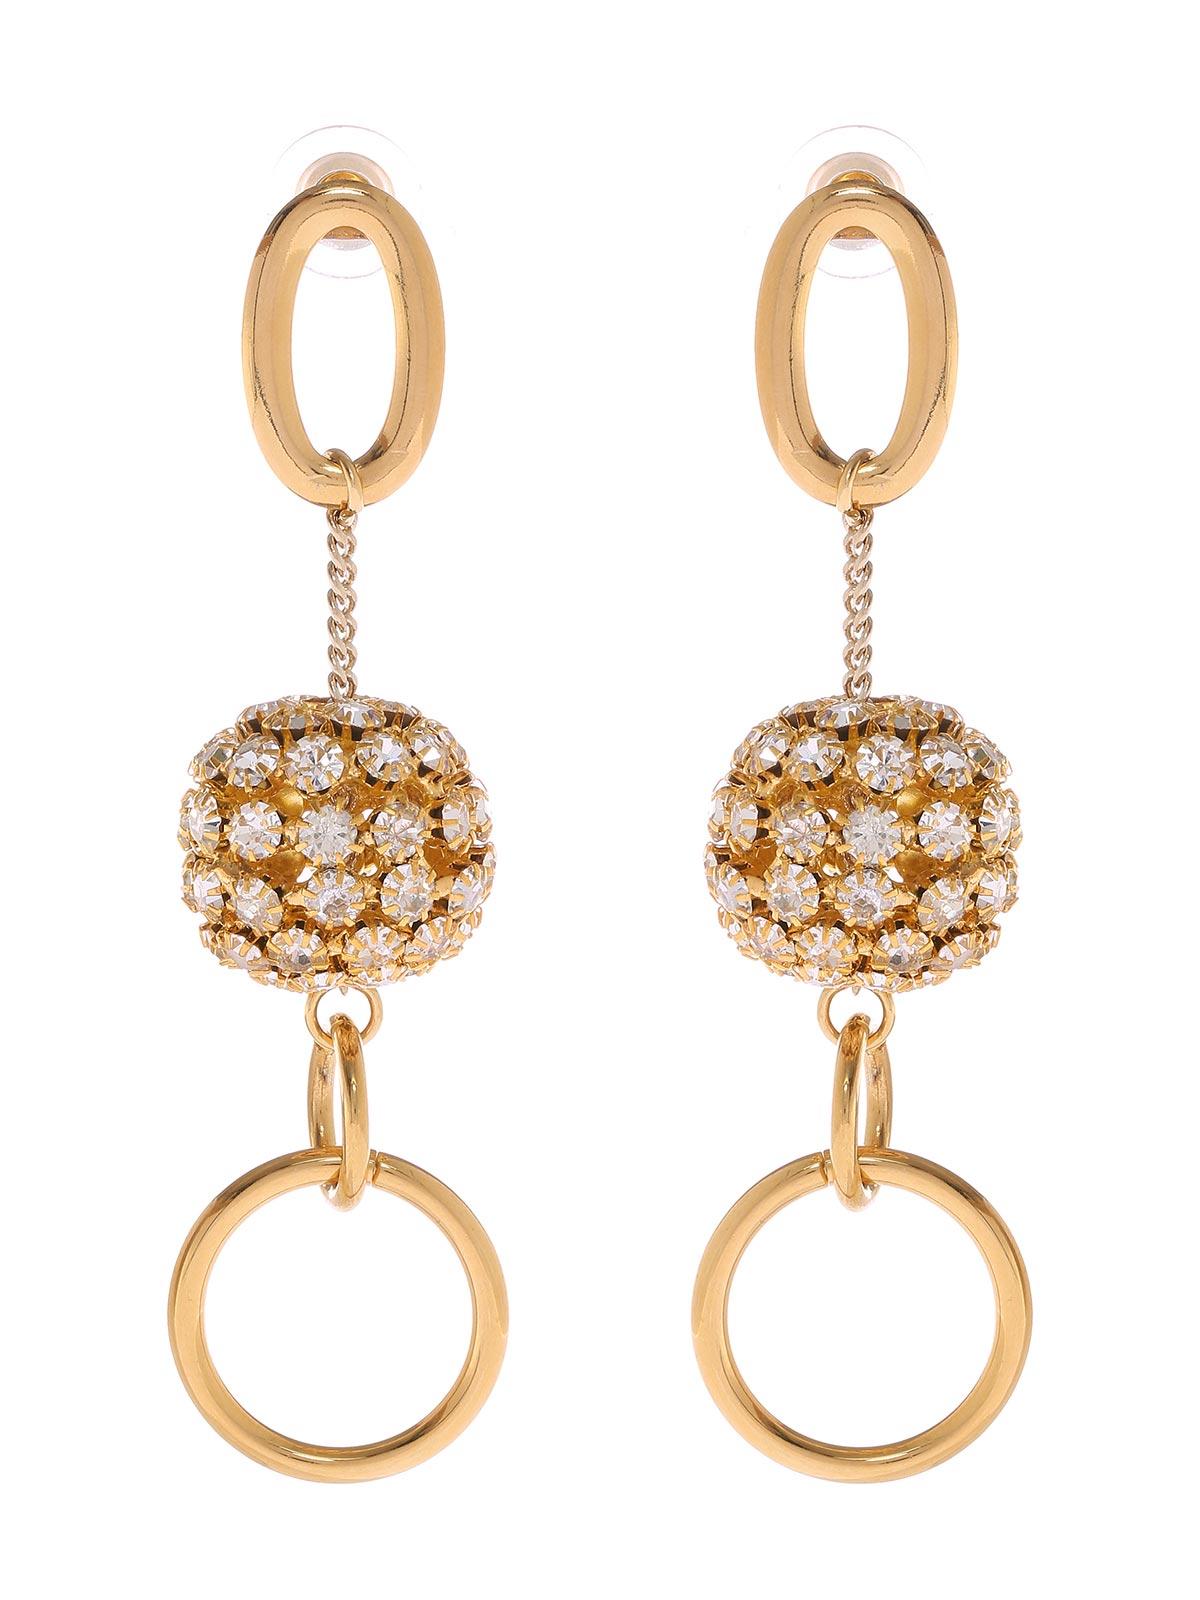 Jewel chain pendant earrings